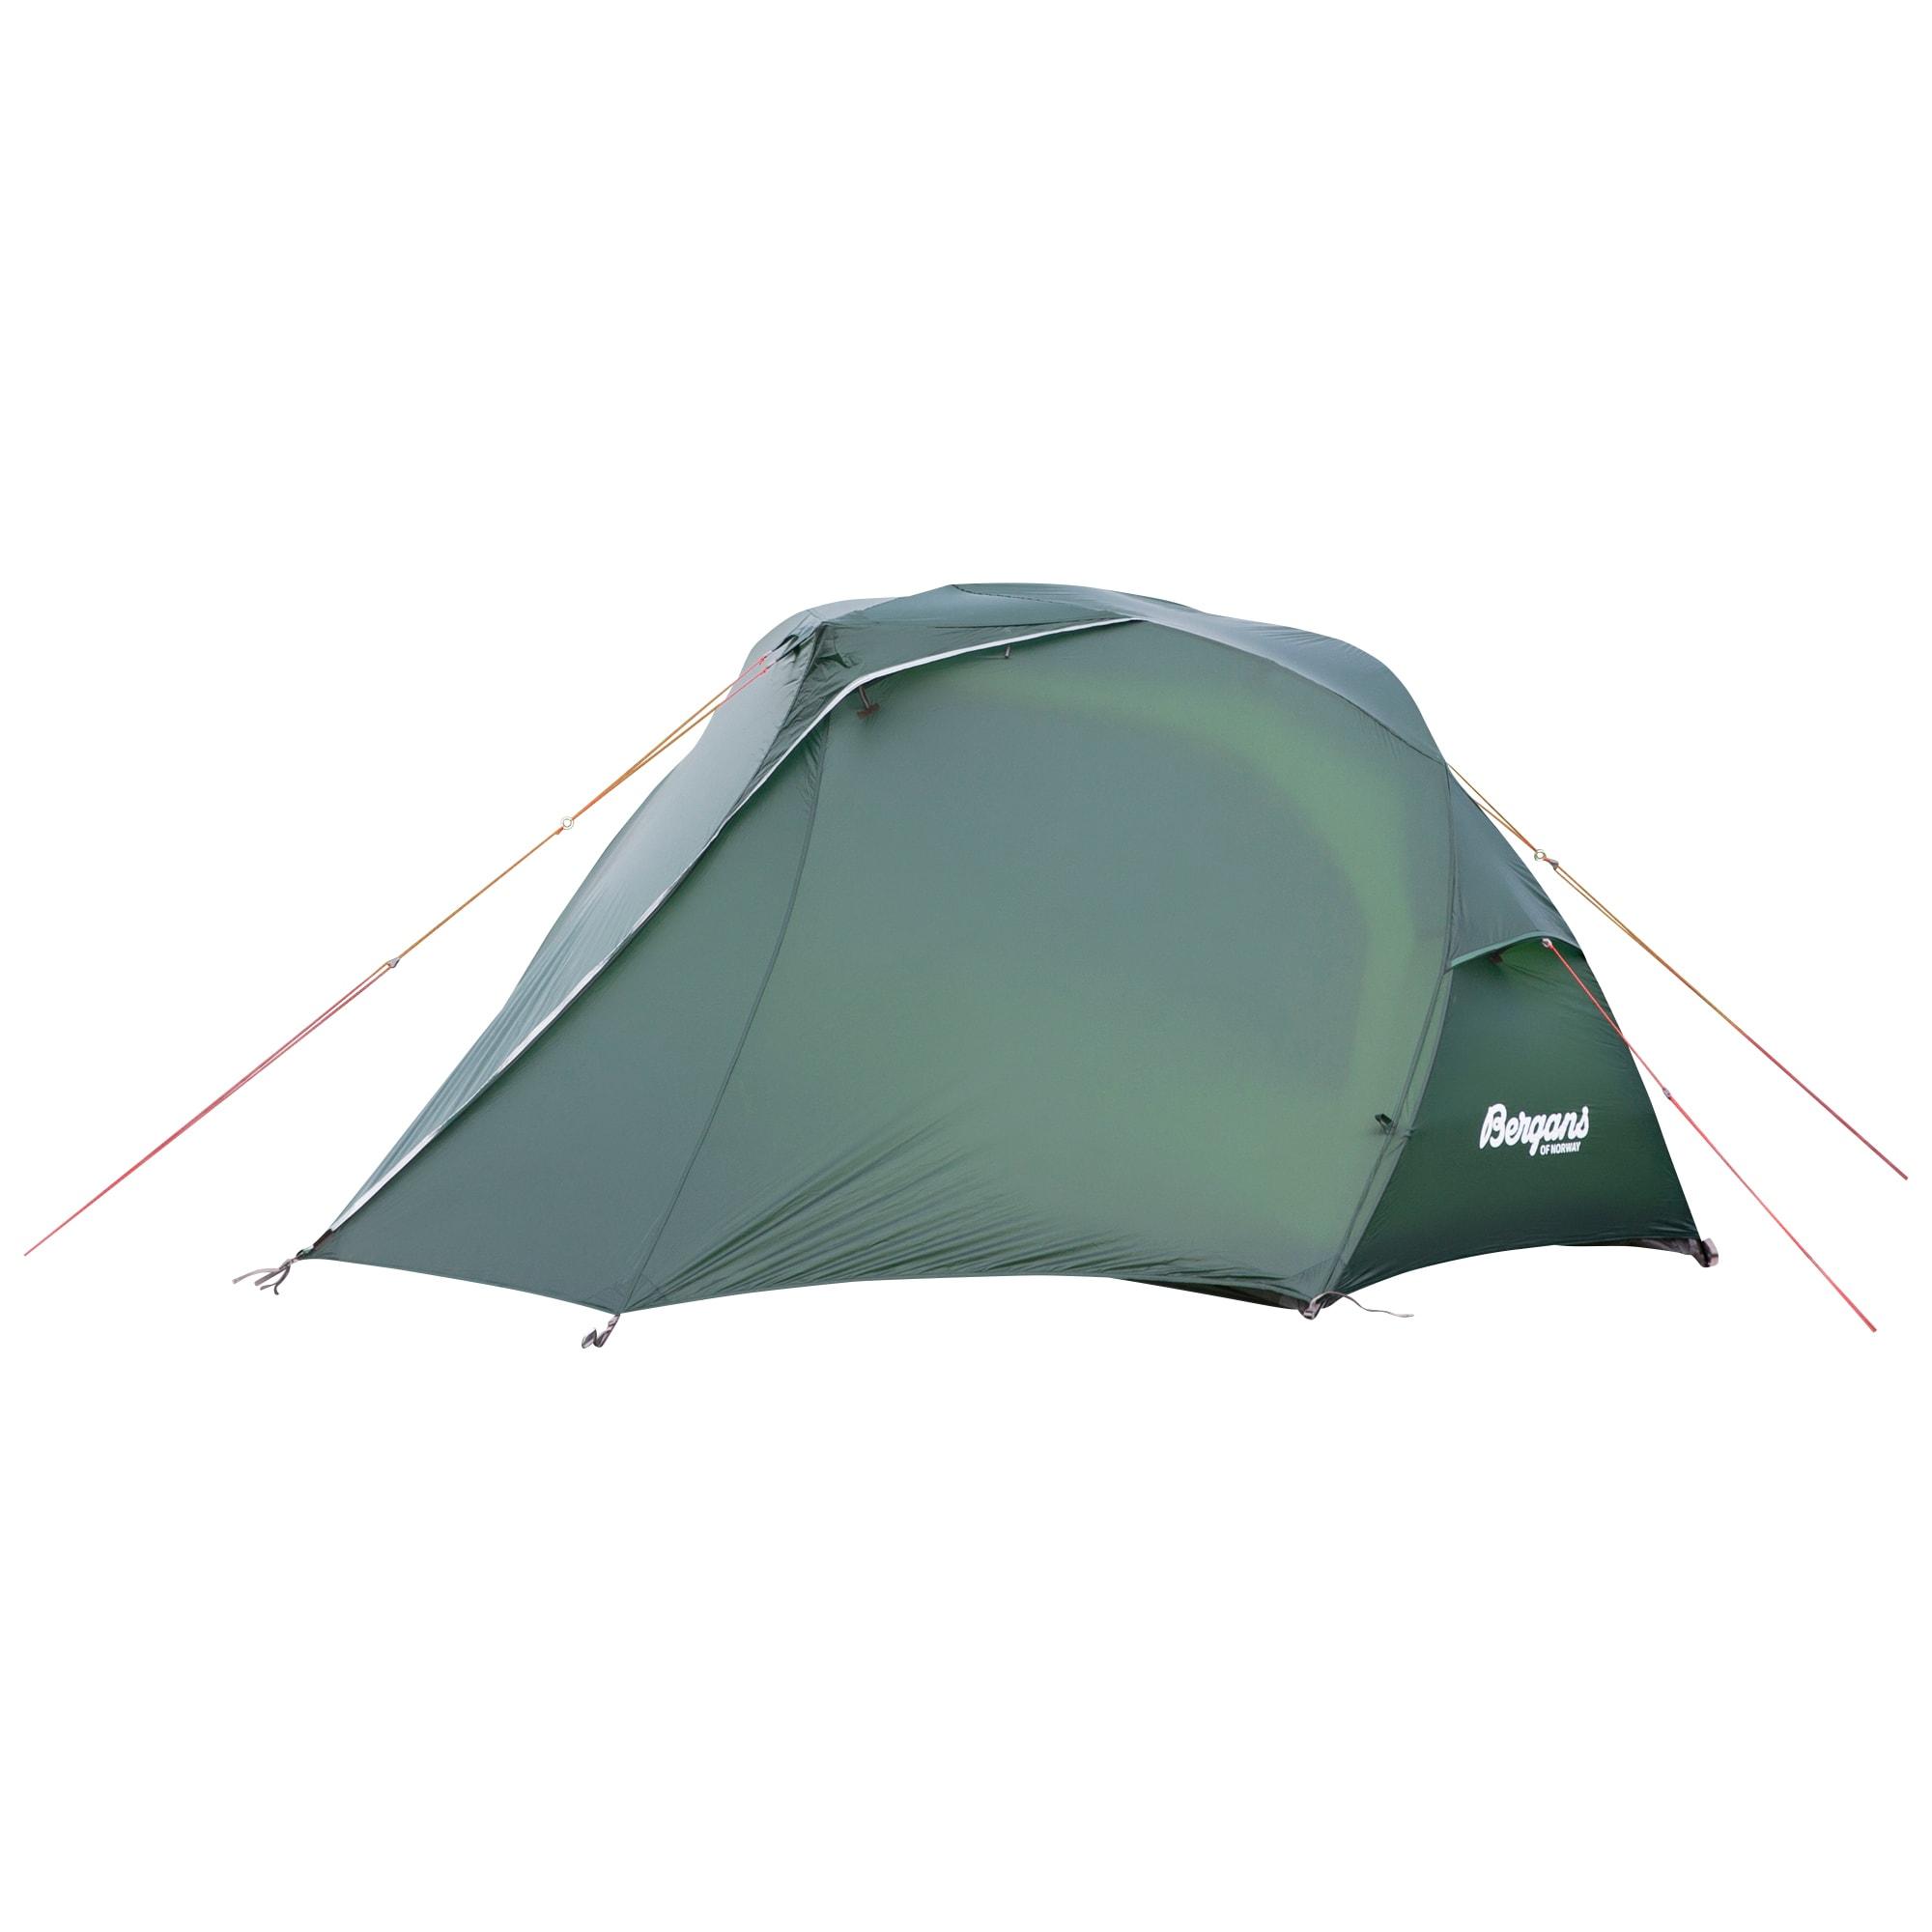 Bergans Super Light Dome 2-pers Tent